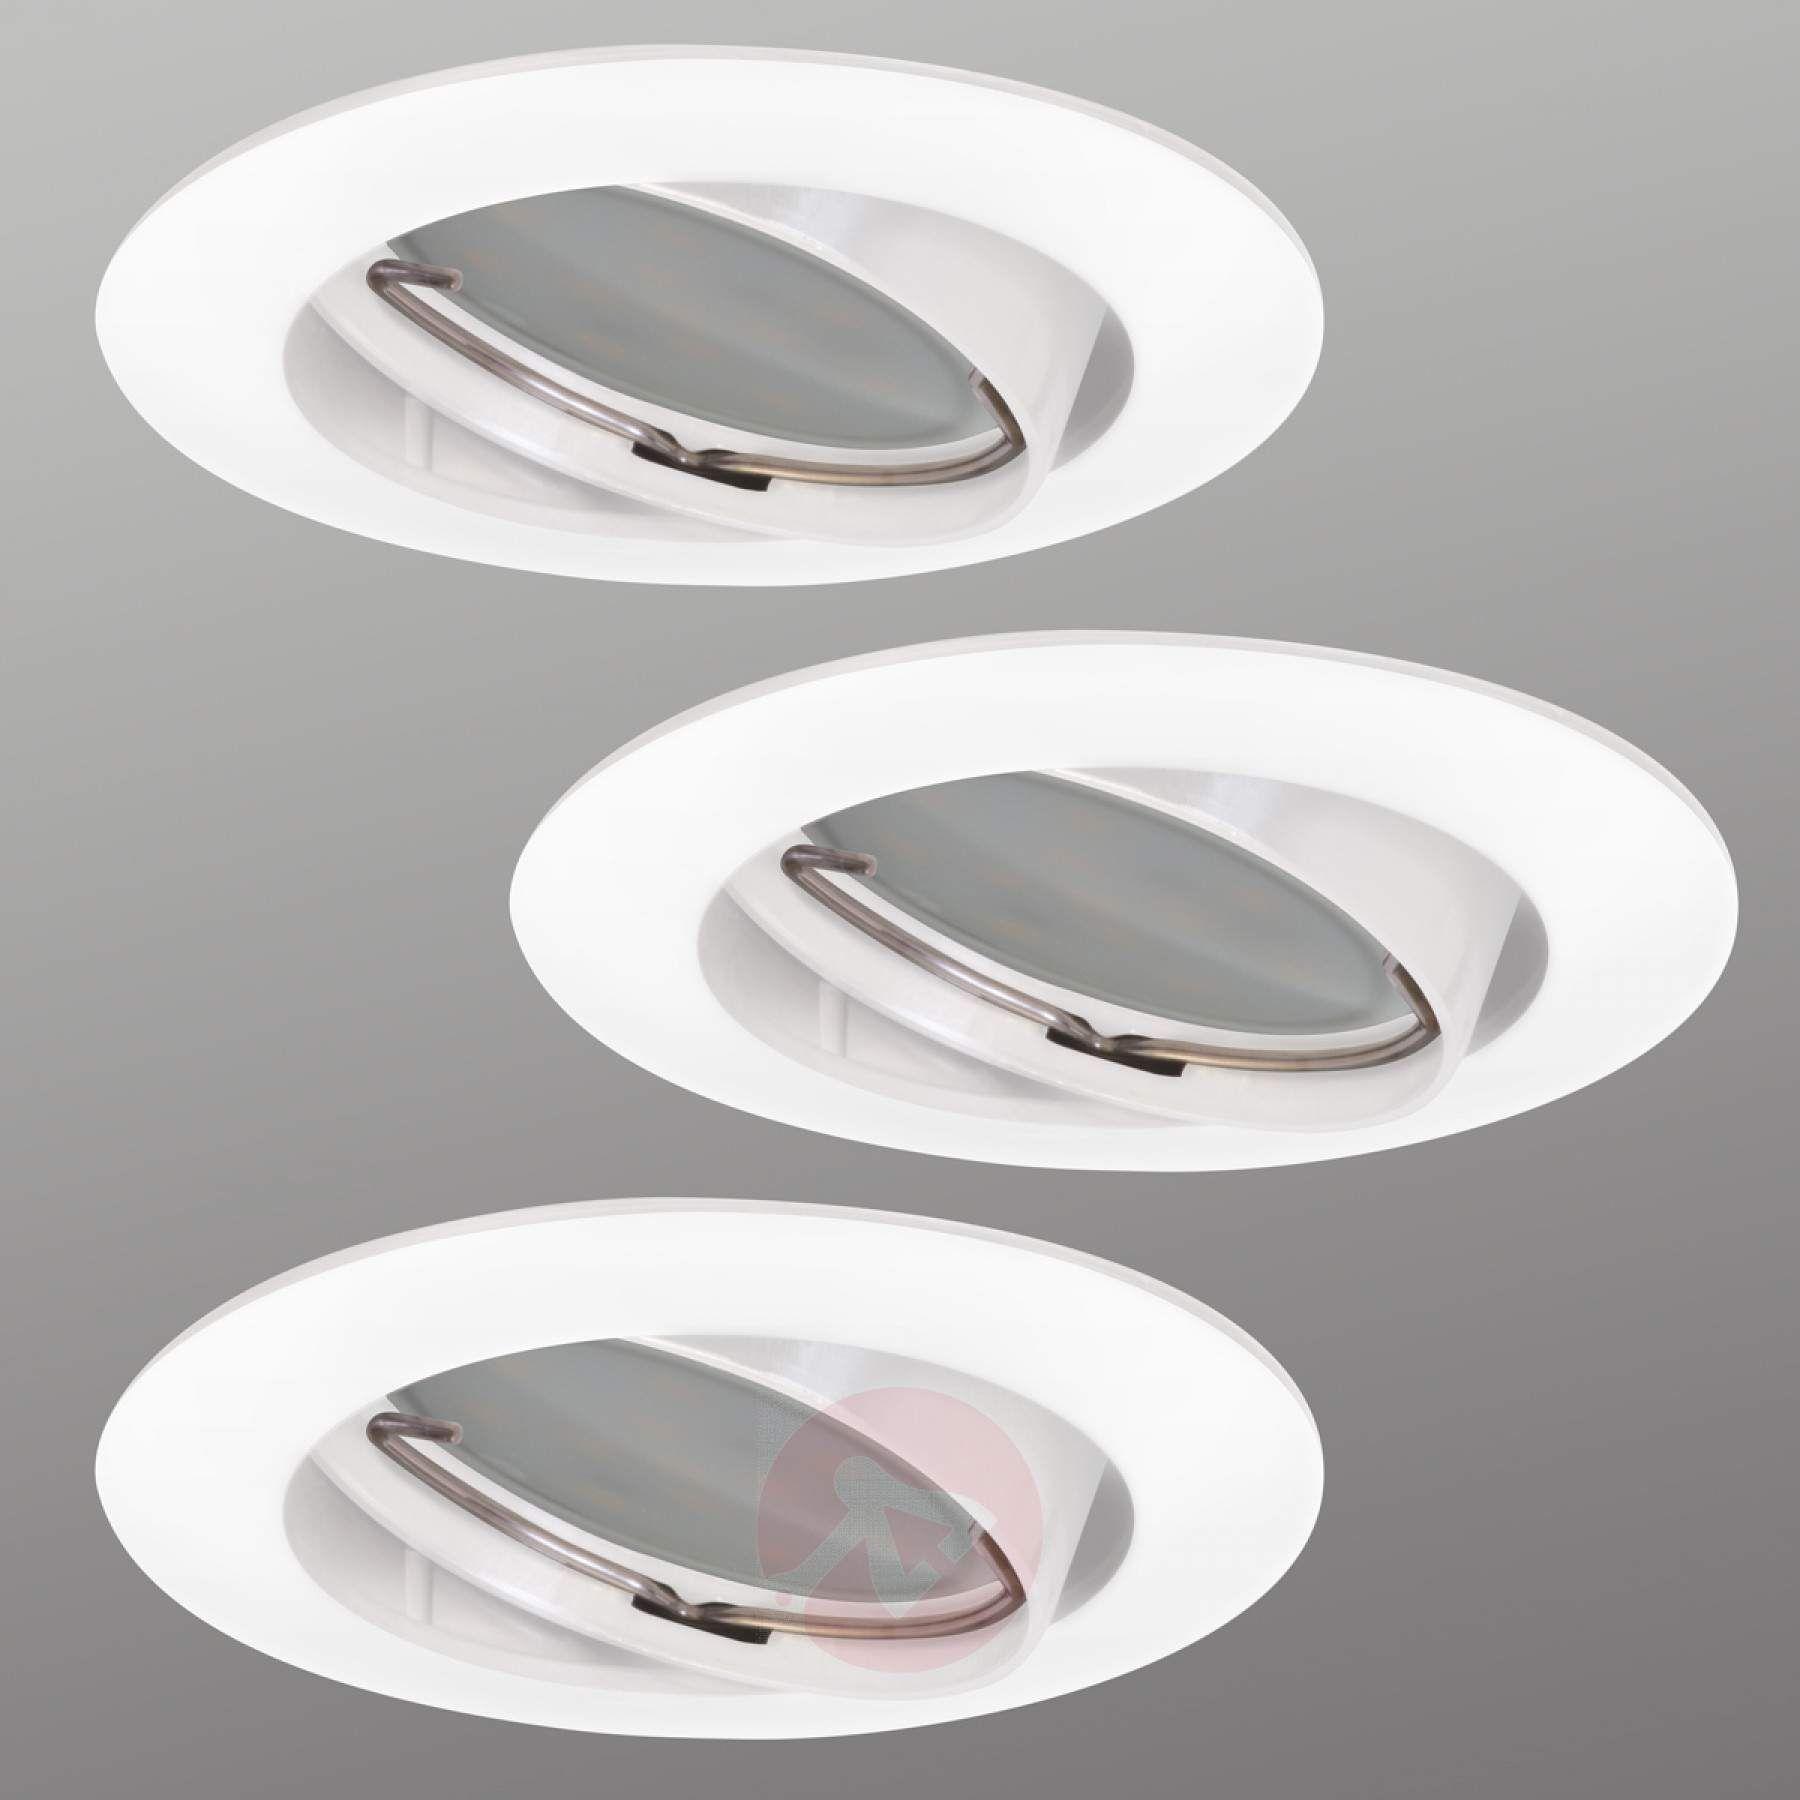 3er Set Led Einbauspot Downlight Dim Flat Kaufen Lampenwelt De Led Einbauspots Lampen Und Leuchten Led Einbaustrahler